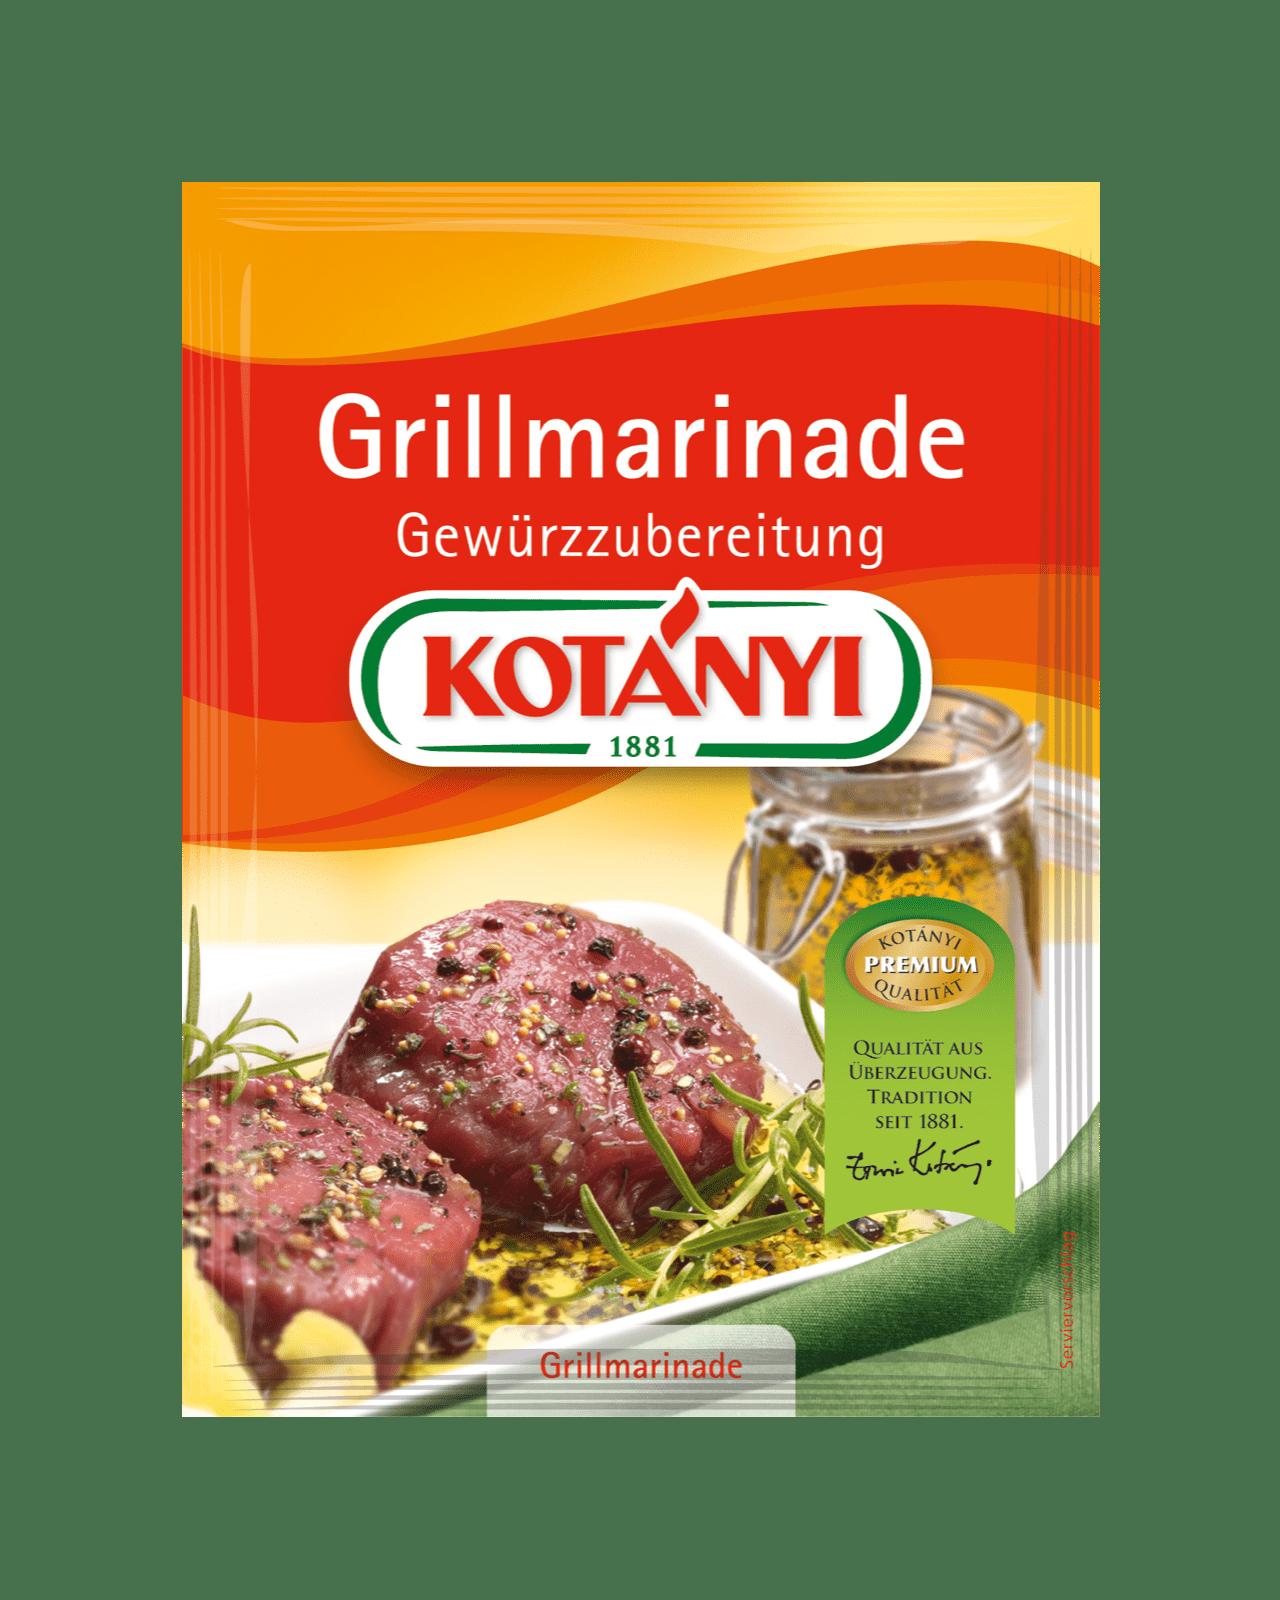 Kotányi Grillmarinade Gewürzzubereitung im Brief